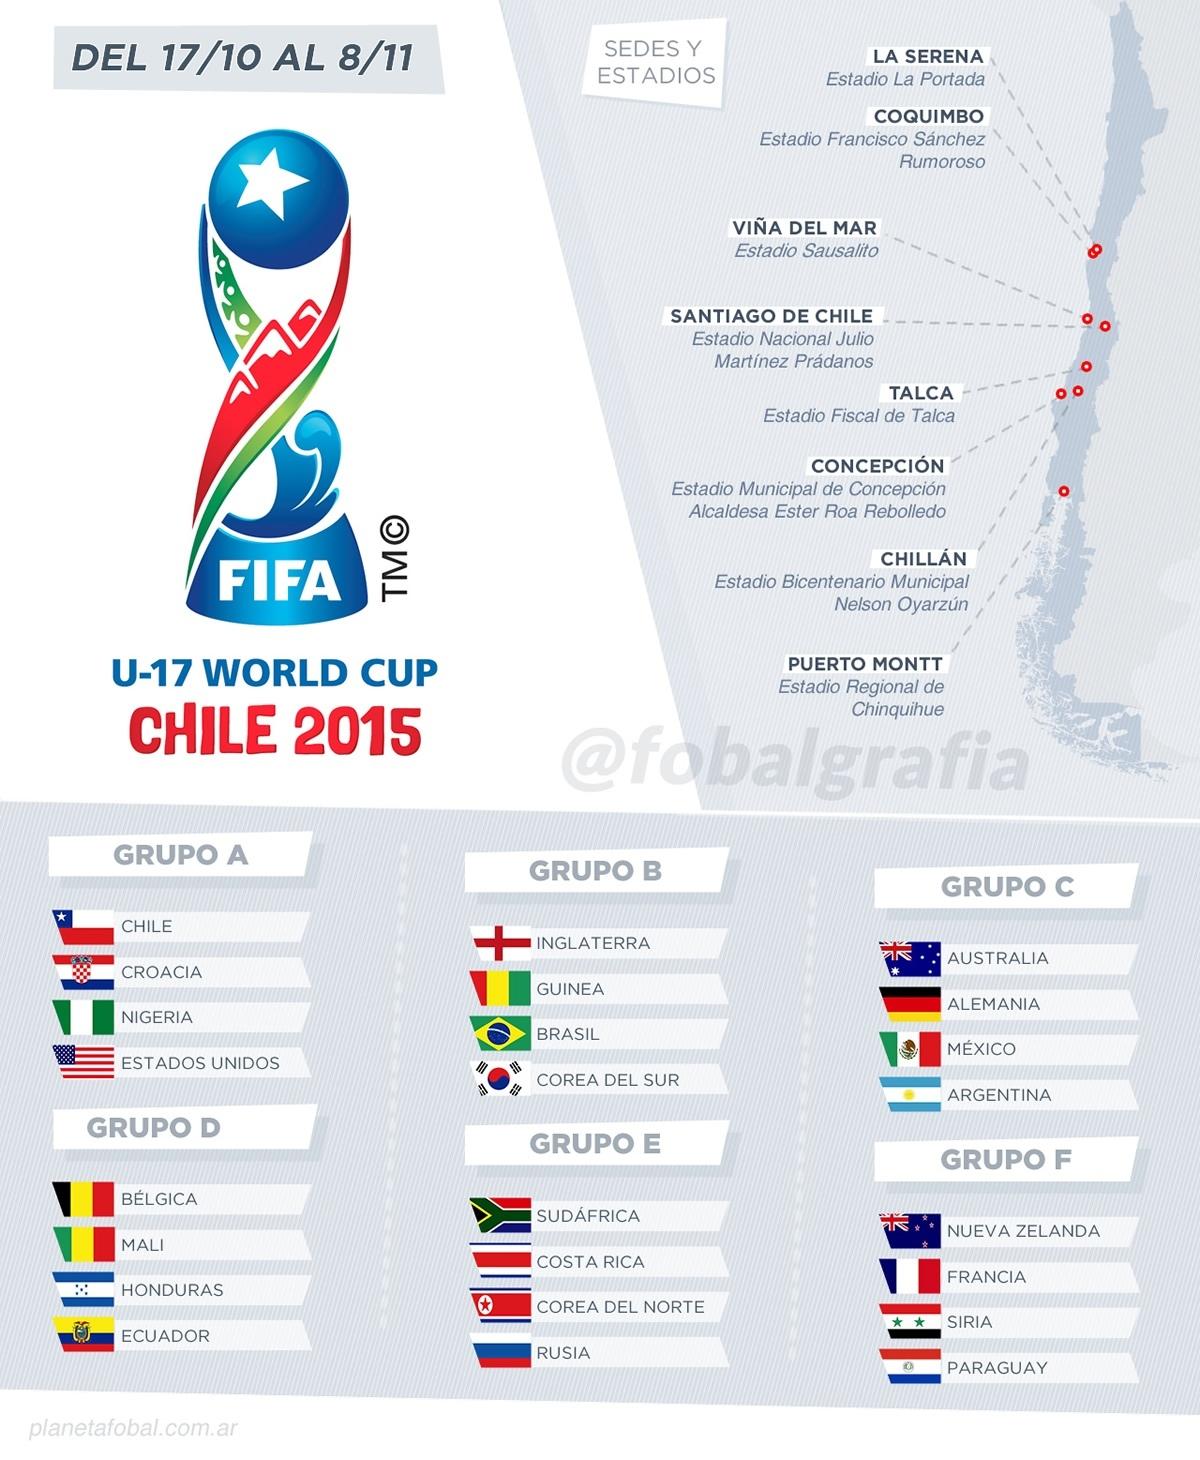 Logo, sedes y los grupos del Mundial Sub 17